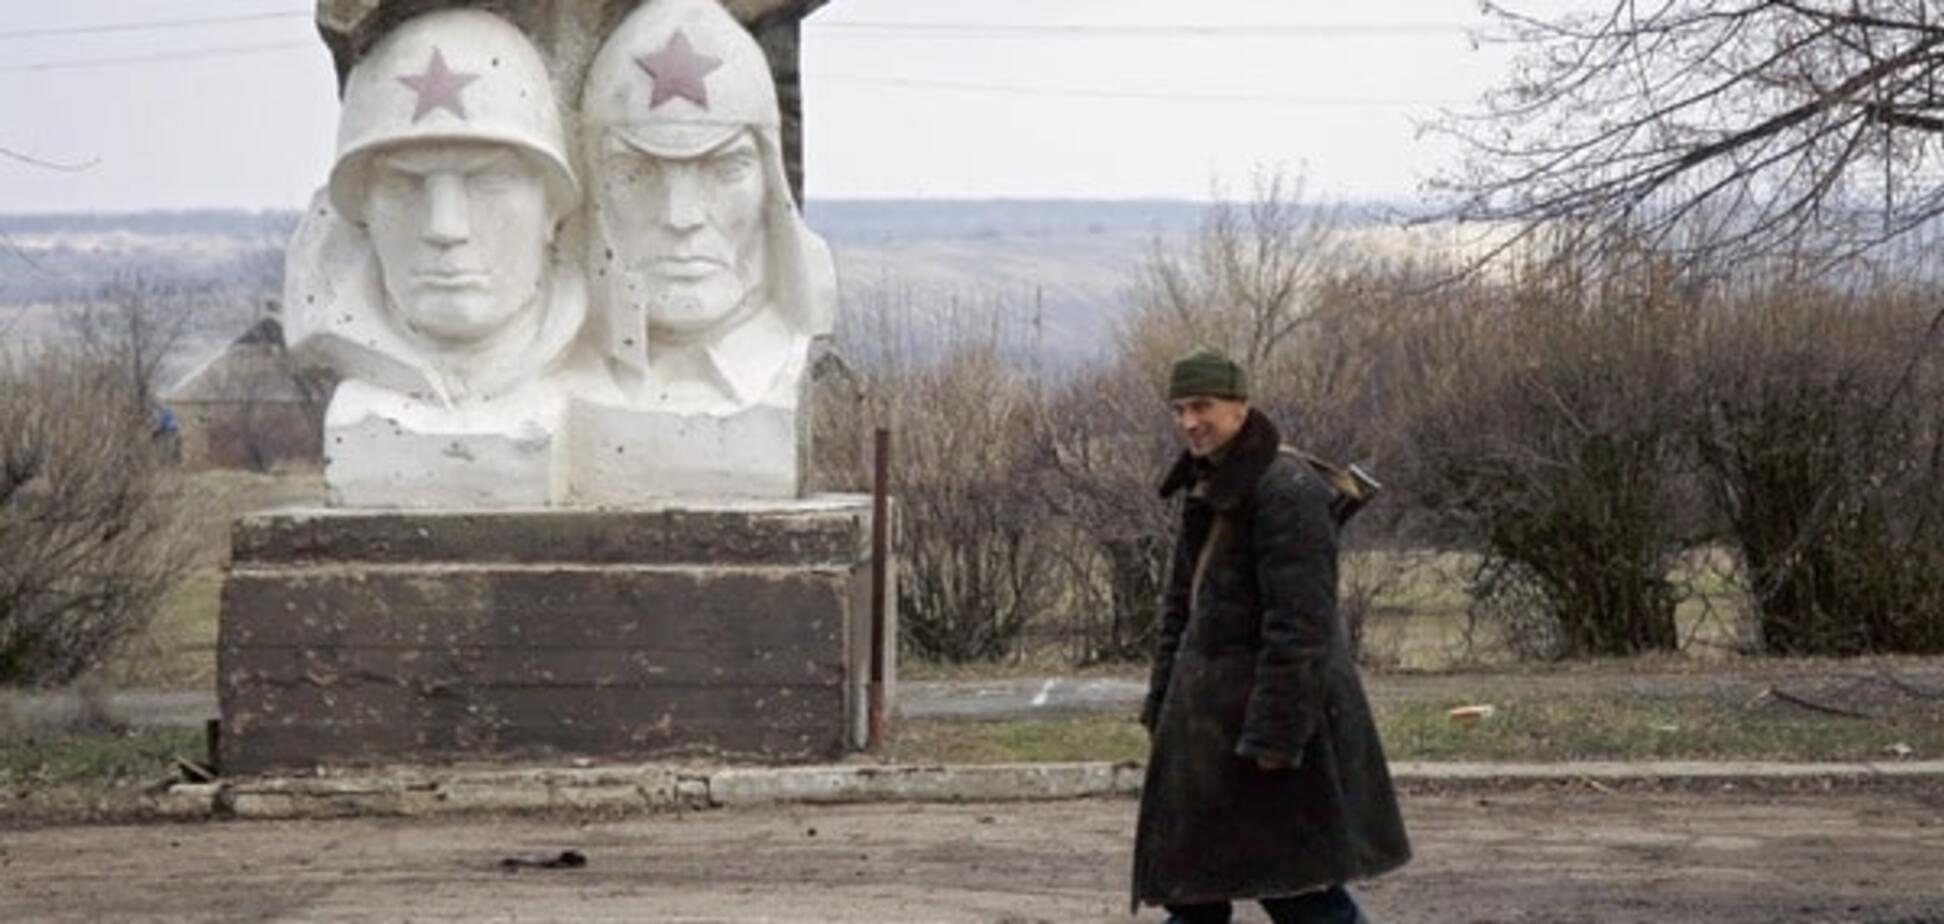 Терористам 'ДНР' підготували концепцію 'наступальних операцій' - Тимчук